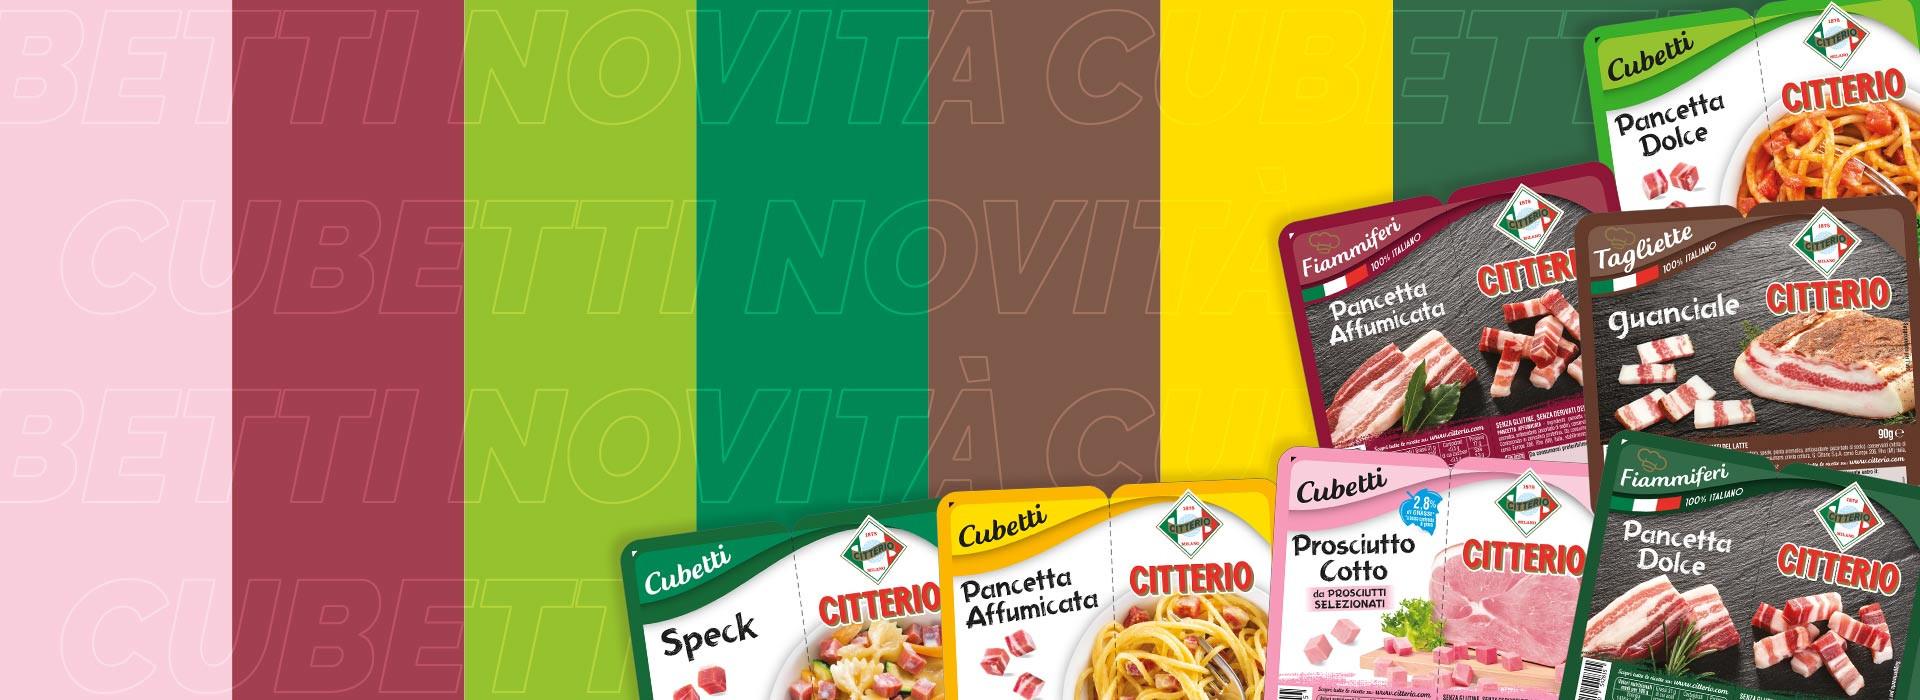 ct-web-header-home-cubetti-2.jpg